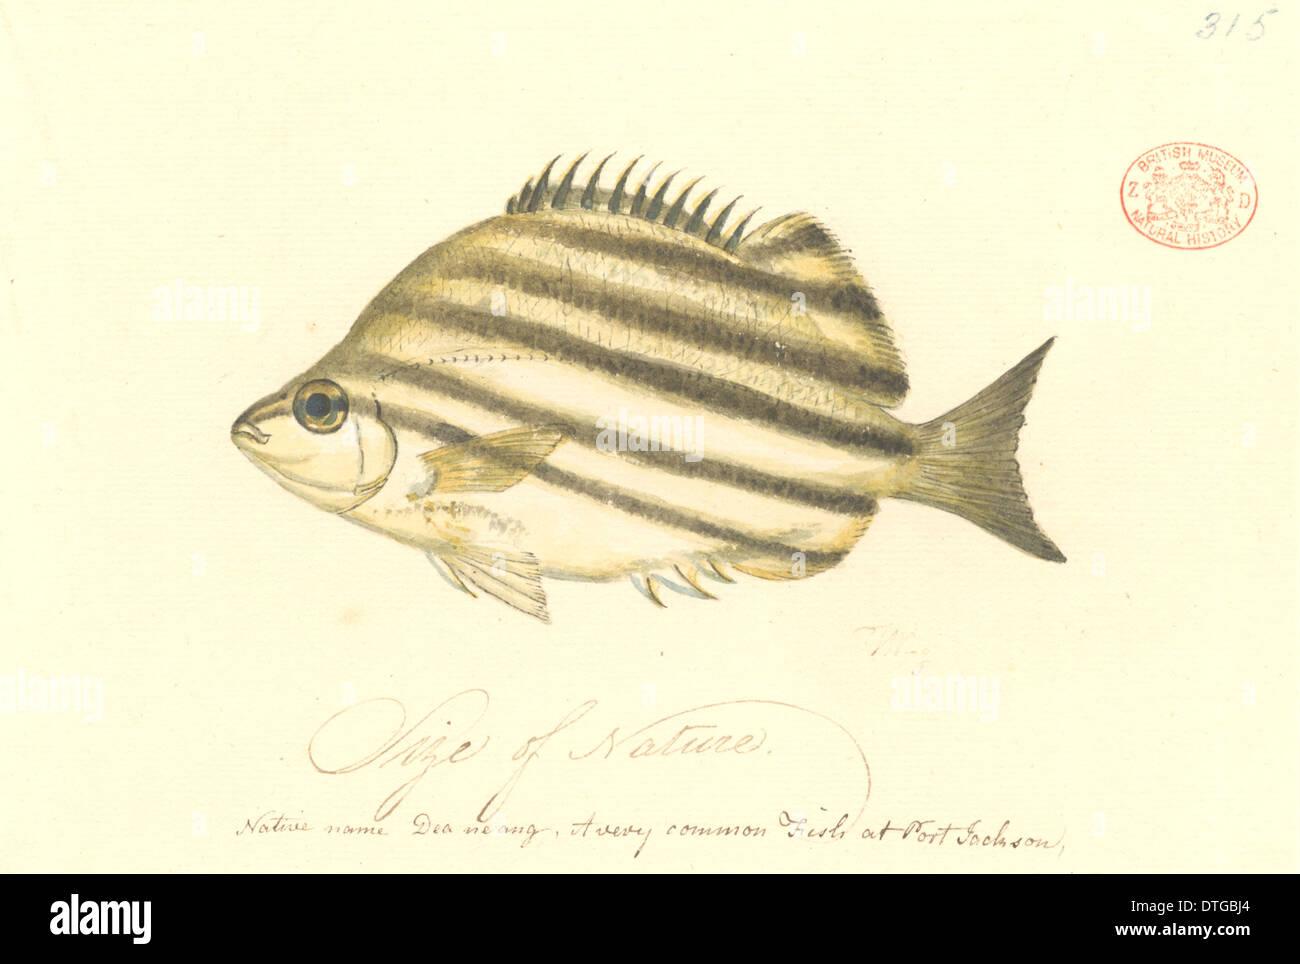 Australian stripey fish stockfotos australian stripey fish bilder alamy - Aquarium hintergrund ausdrucken ...